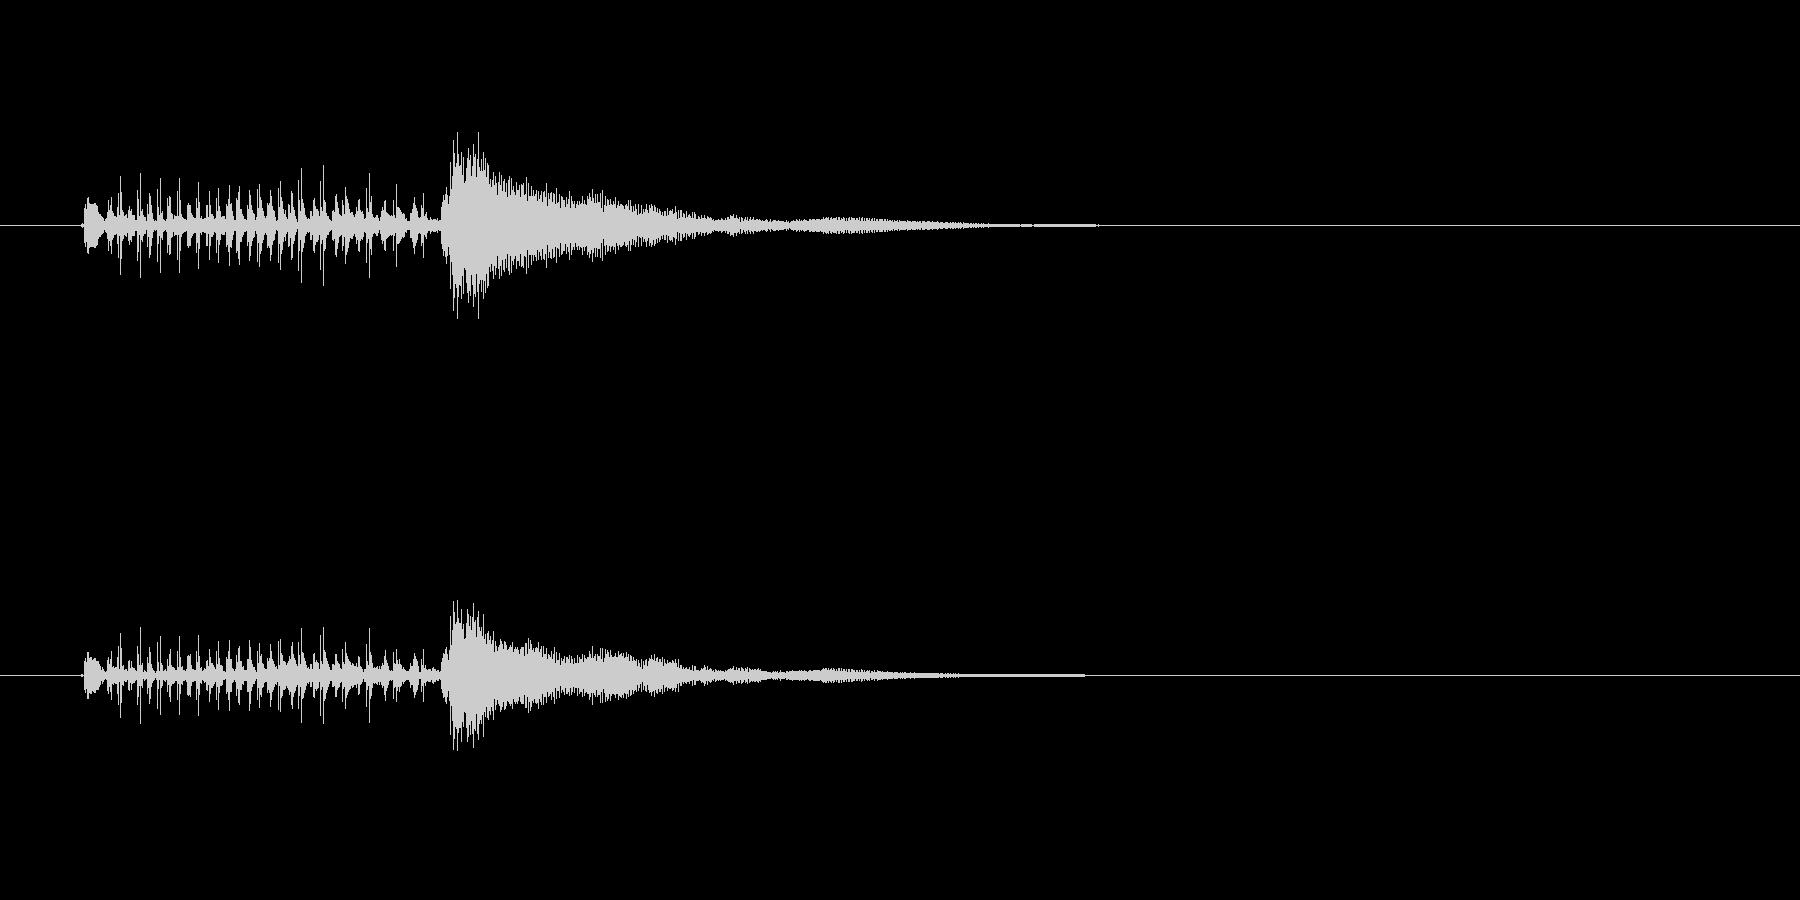 ジングル(デンデケ調ブルージーンズ風)の未再生の波形